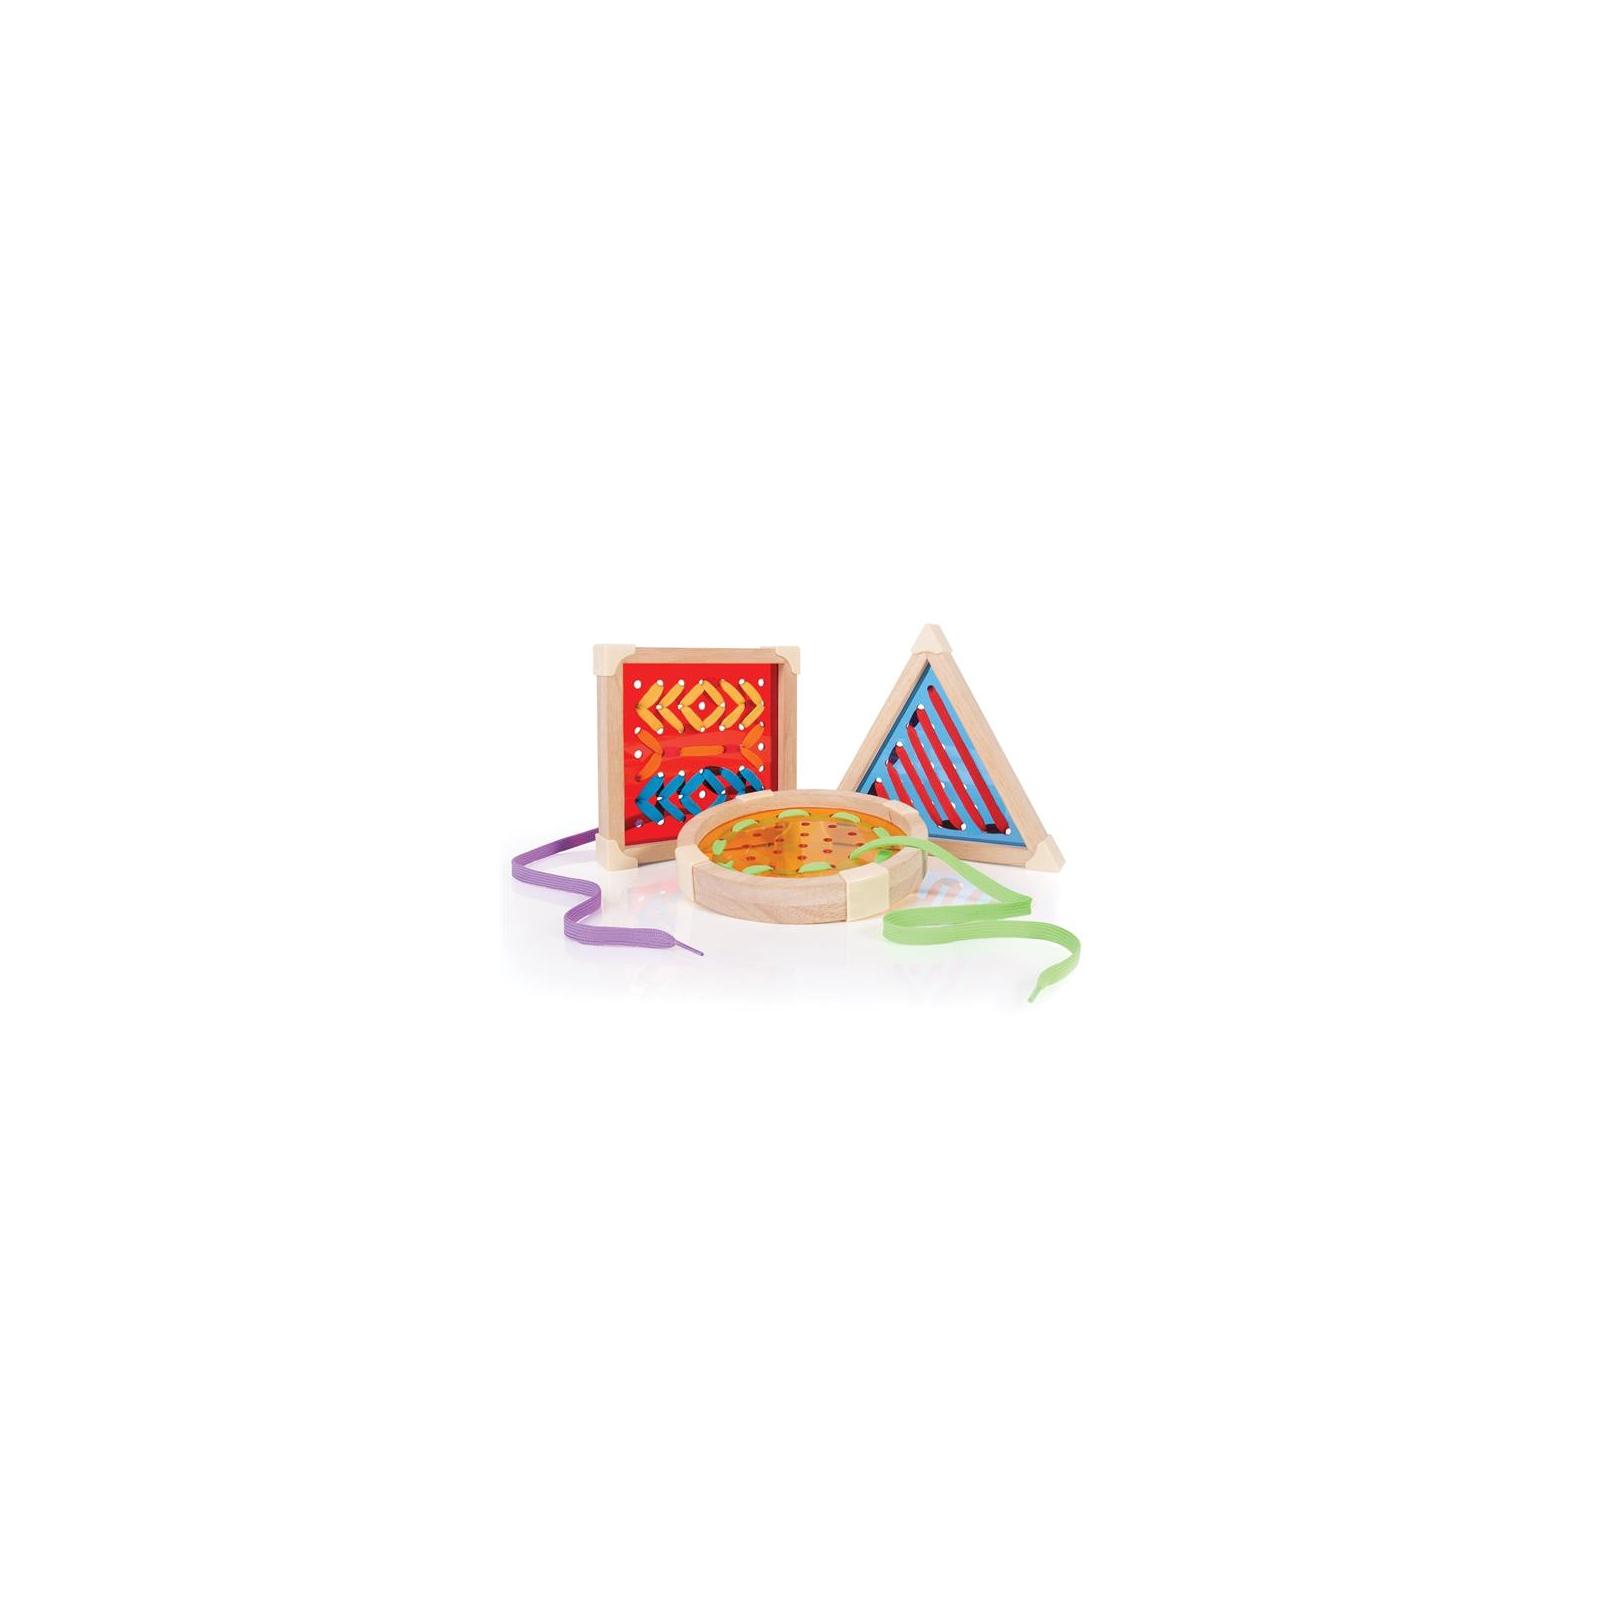 Развивающая игрушка Guidecraft Шнуровка Manipulatives Геометрия (G6801) изображение 4